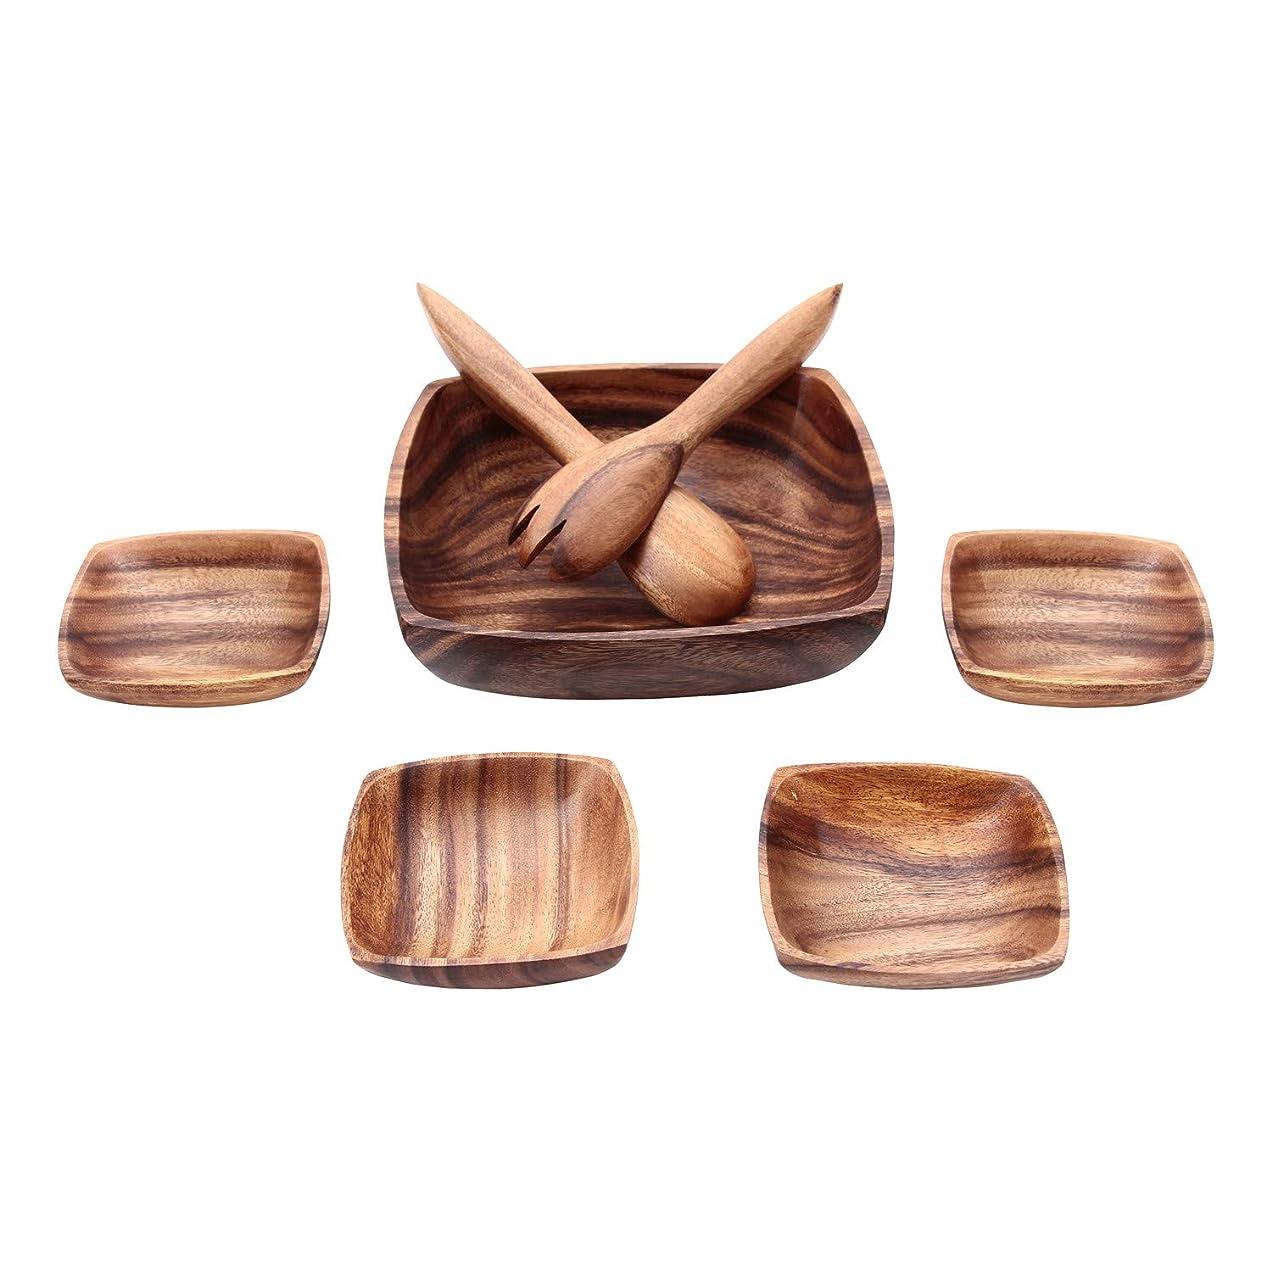 パッチ評価する続ける不二貿易 ボウル スプーン フォーク6点セット ブラウン アカシア 天然木 割れにくい 軽量 木製 食器 四角 94494